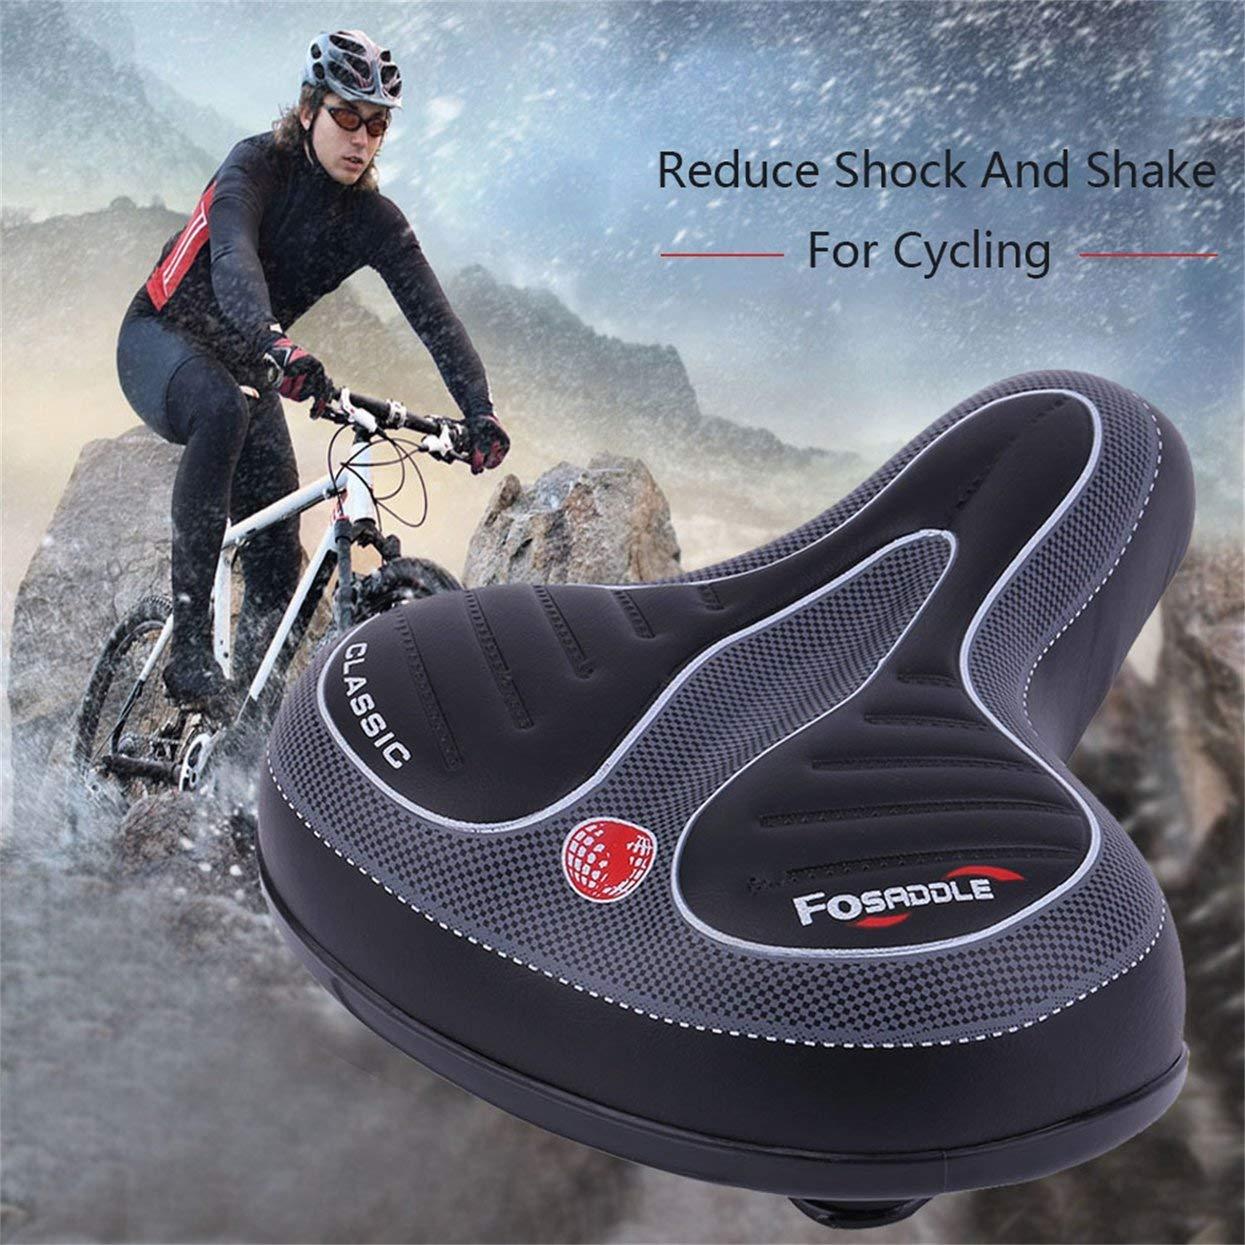 Tellaboull C/ómodo Ancho Grande Bicicleta Bicicleta Gel Cruiser Extra Sporty Soft Pad Asiento de Silla de Montar Adecuado para Cualquier Tipo de Bicicleta